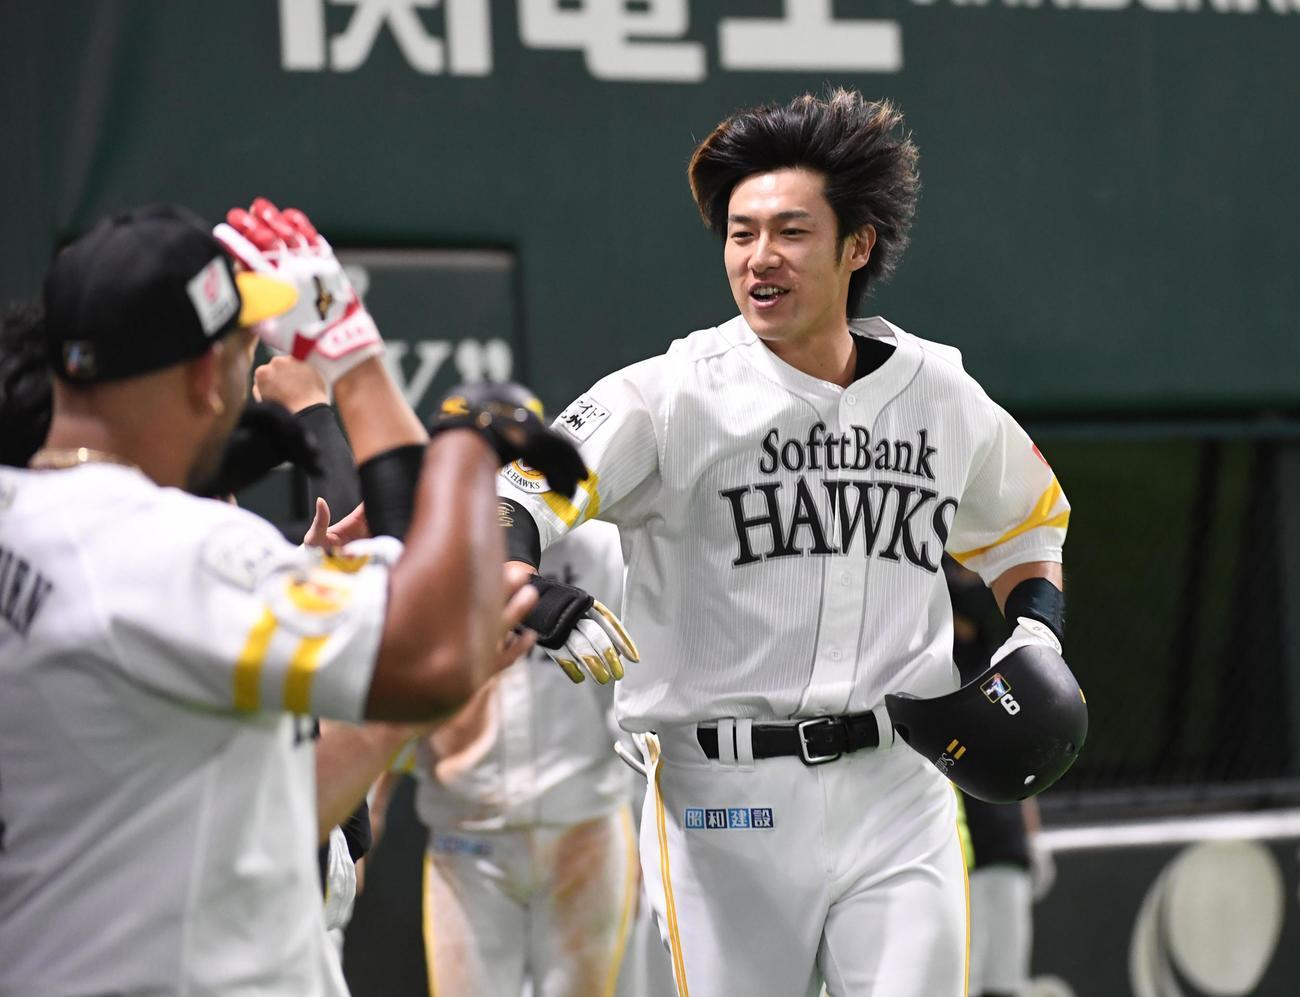 ソフトバンク対オリックス 6回裏ソフトバンク2死一、二塁、柳田は右越えに逆転の3点本塁打を放ちナインに迎えられる(撮影・今浪浩三)